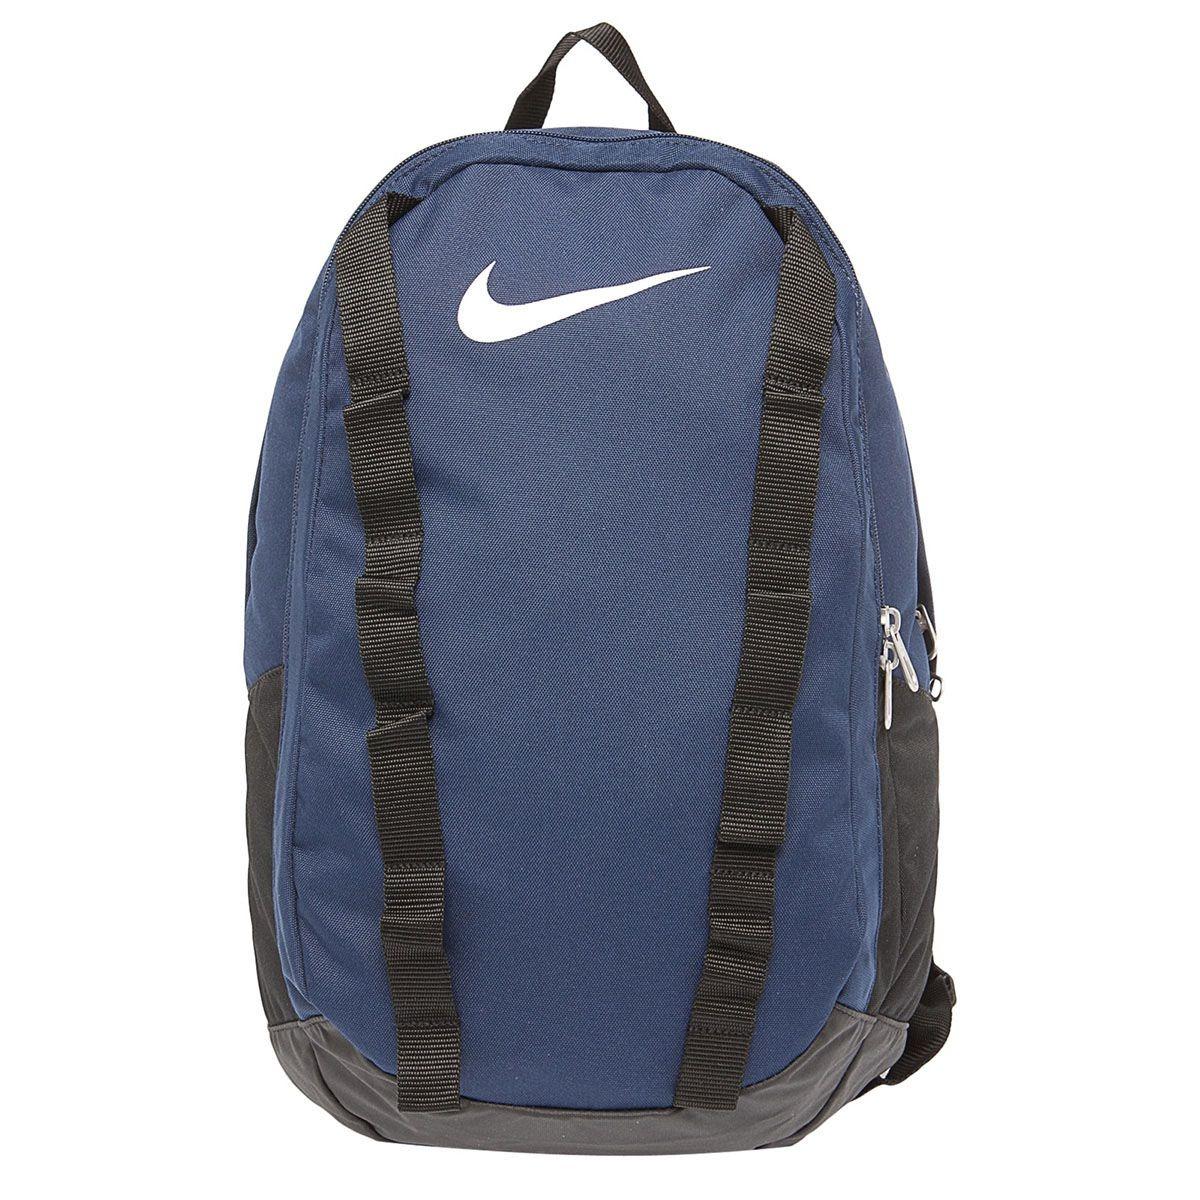 3754e62defa21 mochila nike brasilia backpack original. Carregando zoom.